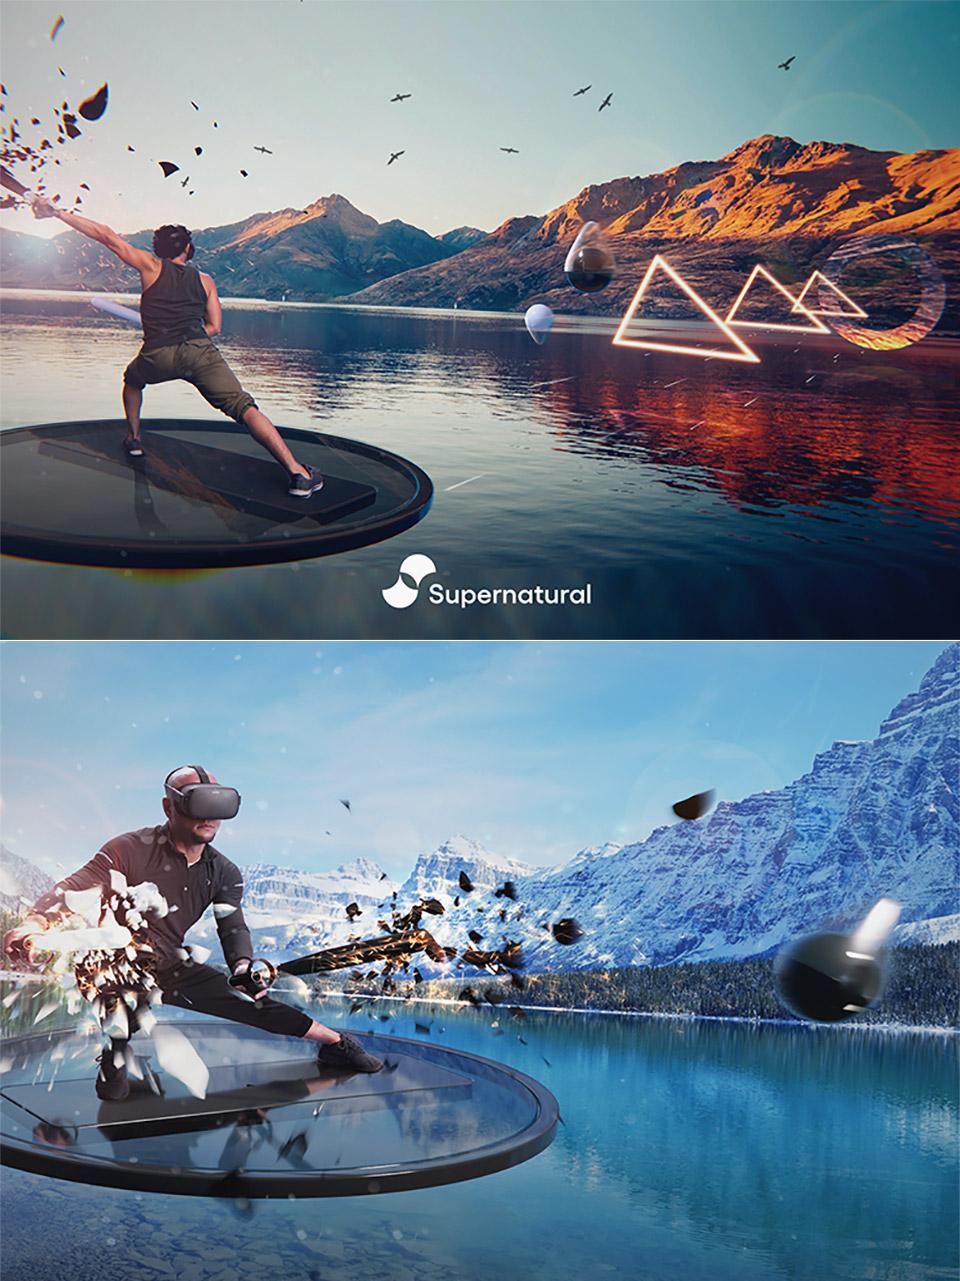 Supernatural Oculus VR